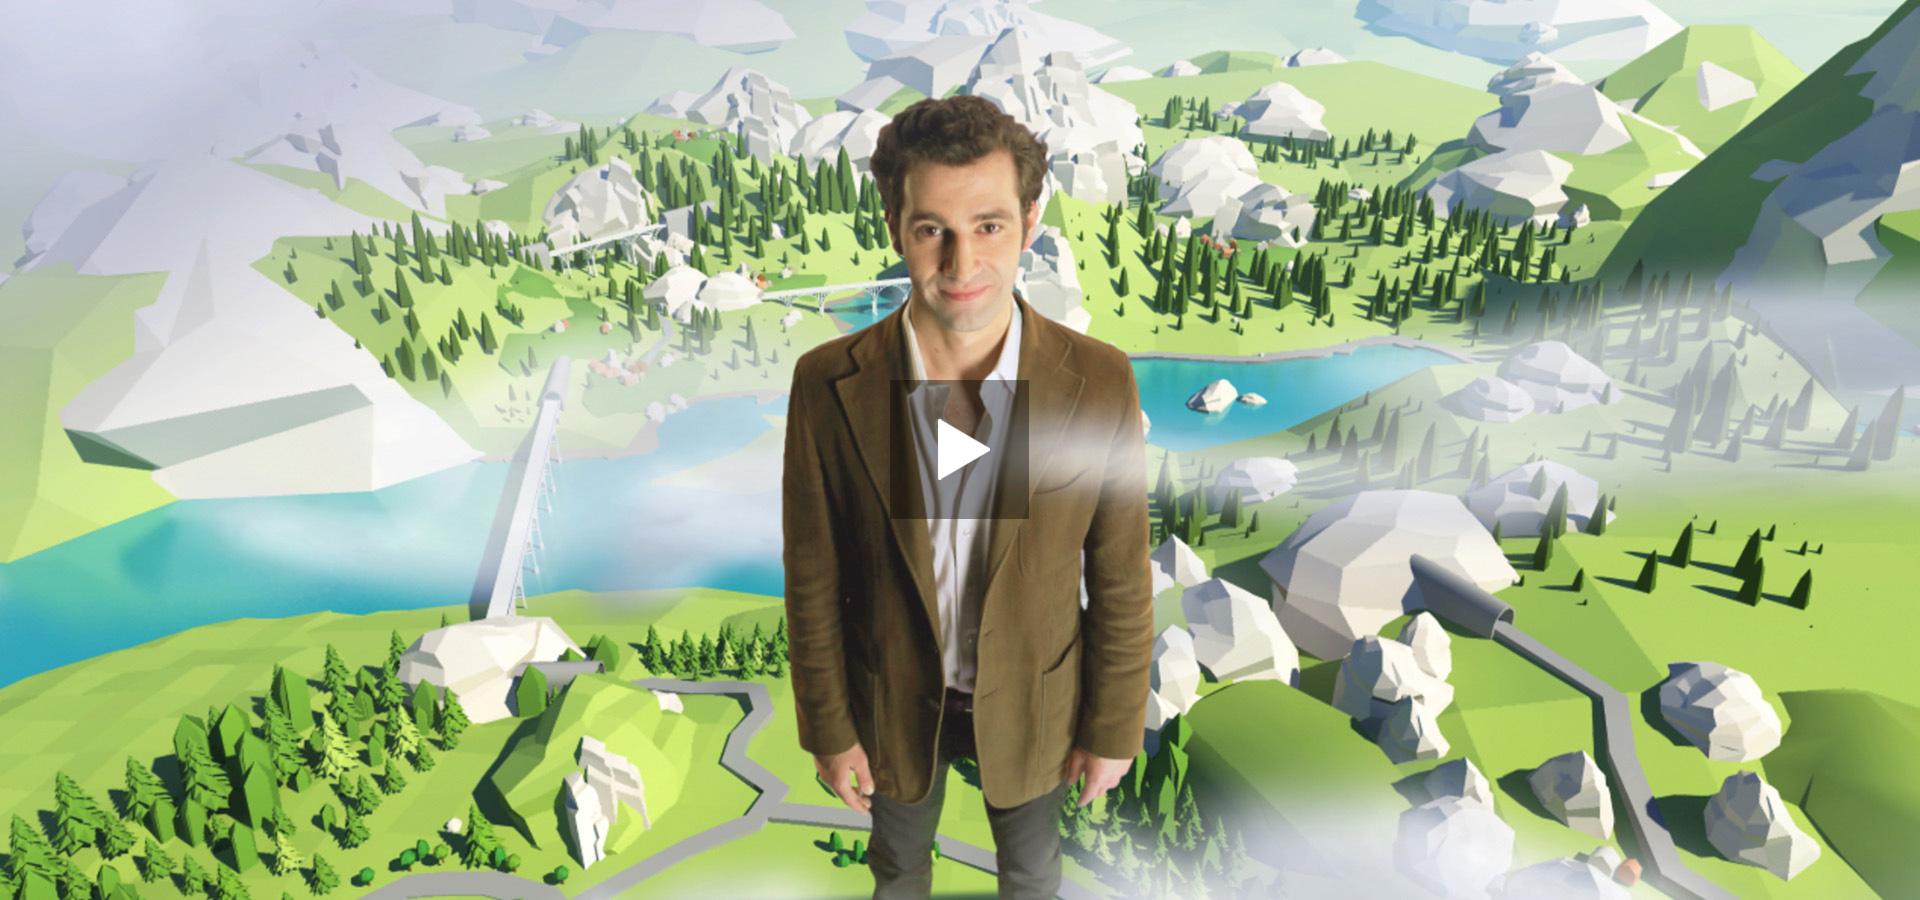 Monkey Talkie per Repower - Video aziendale - Presentazione Aziendale